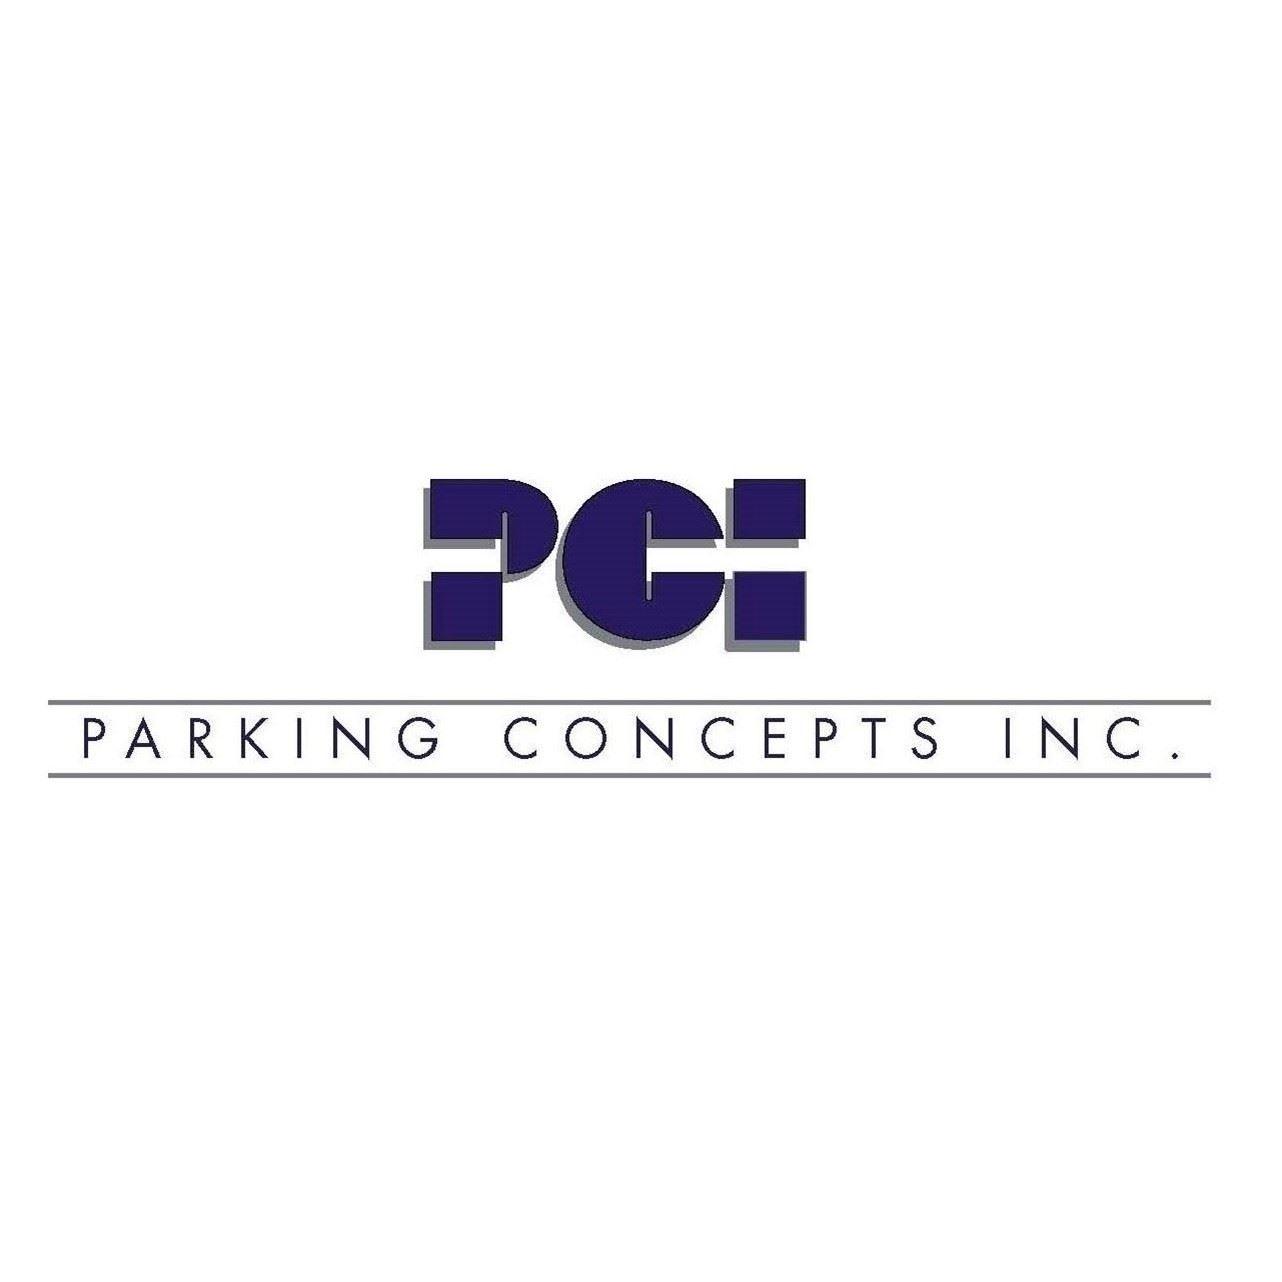 Parking Concepts Inc.